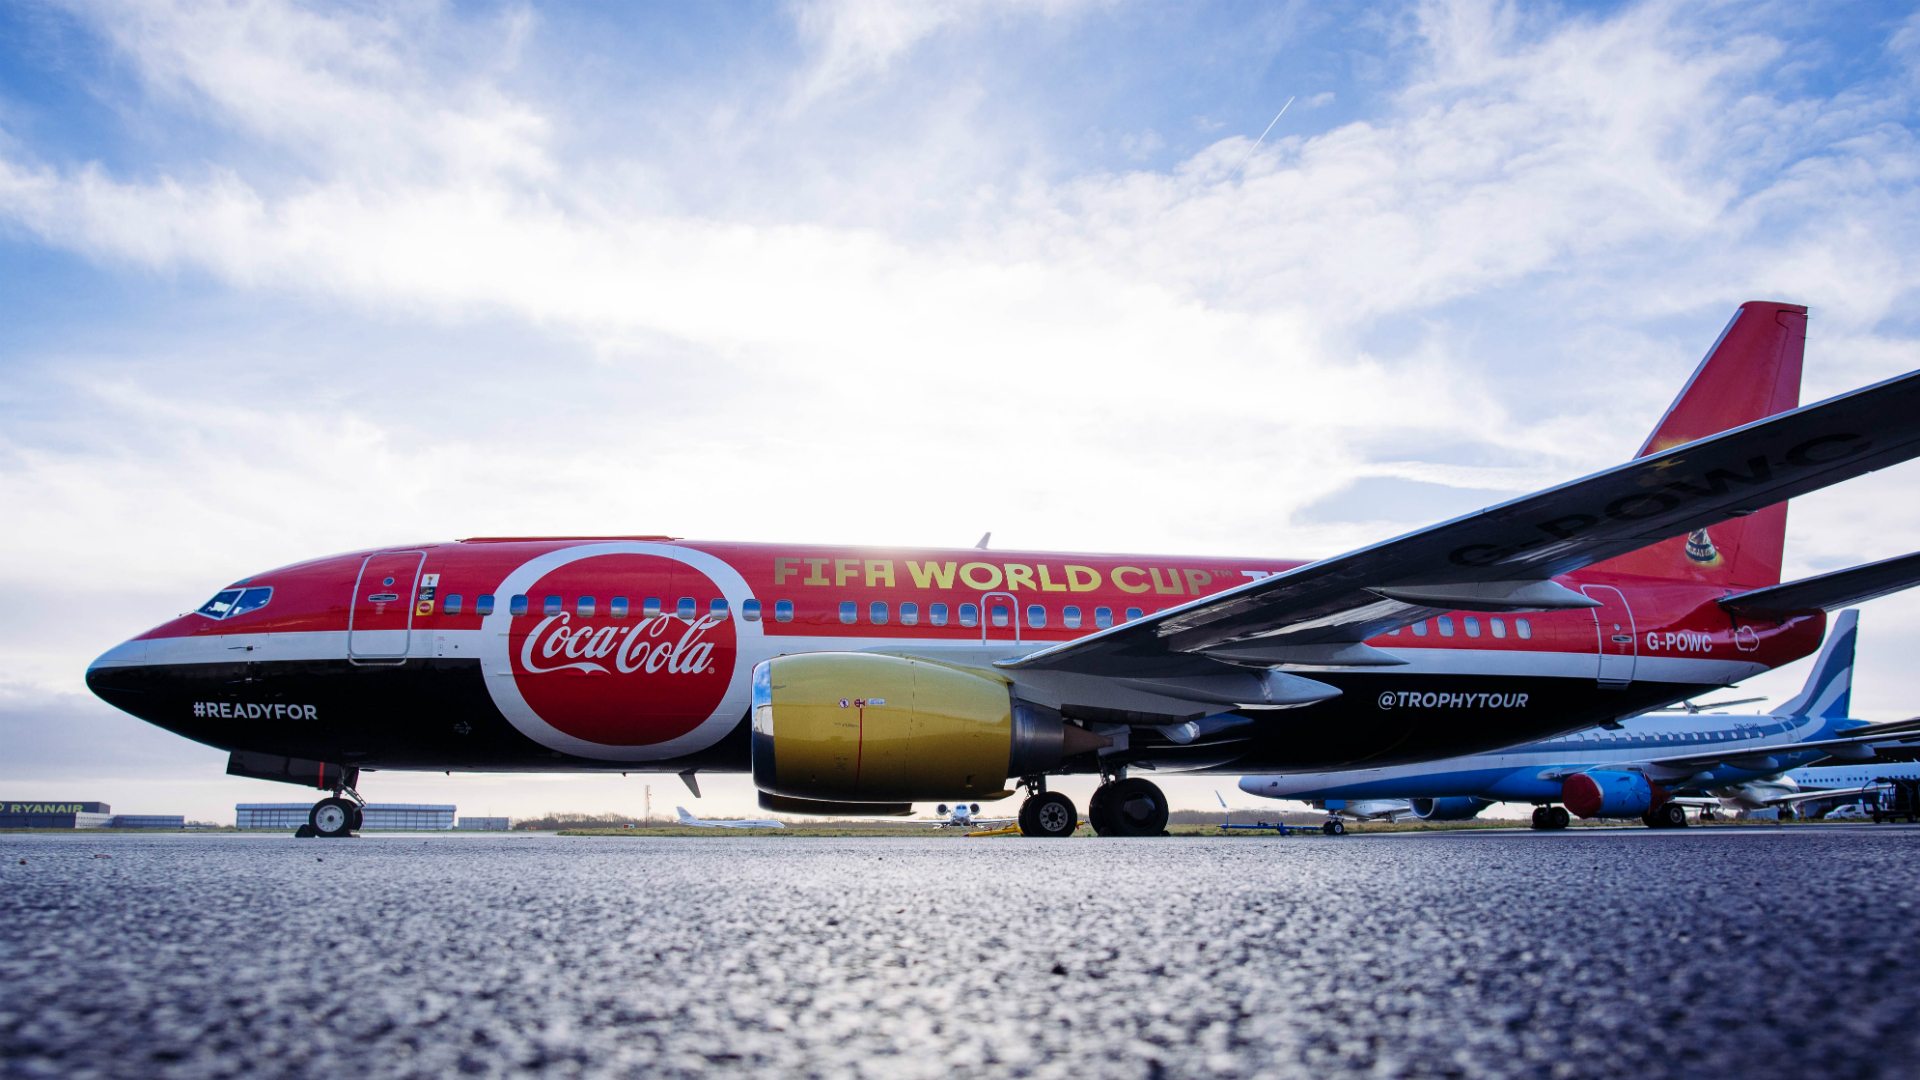 Great Coca Cola World Cup 2018 - coca-cola-wc-trophy-tour_oepu25xwq5ar128lfztcgb8ph  Trends_829645 .jpg?t\u003d532936225\u0026quality\u003d90\u0026w\u003d1280